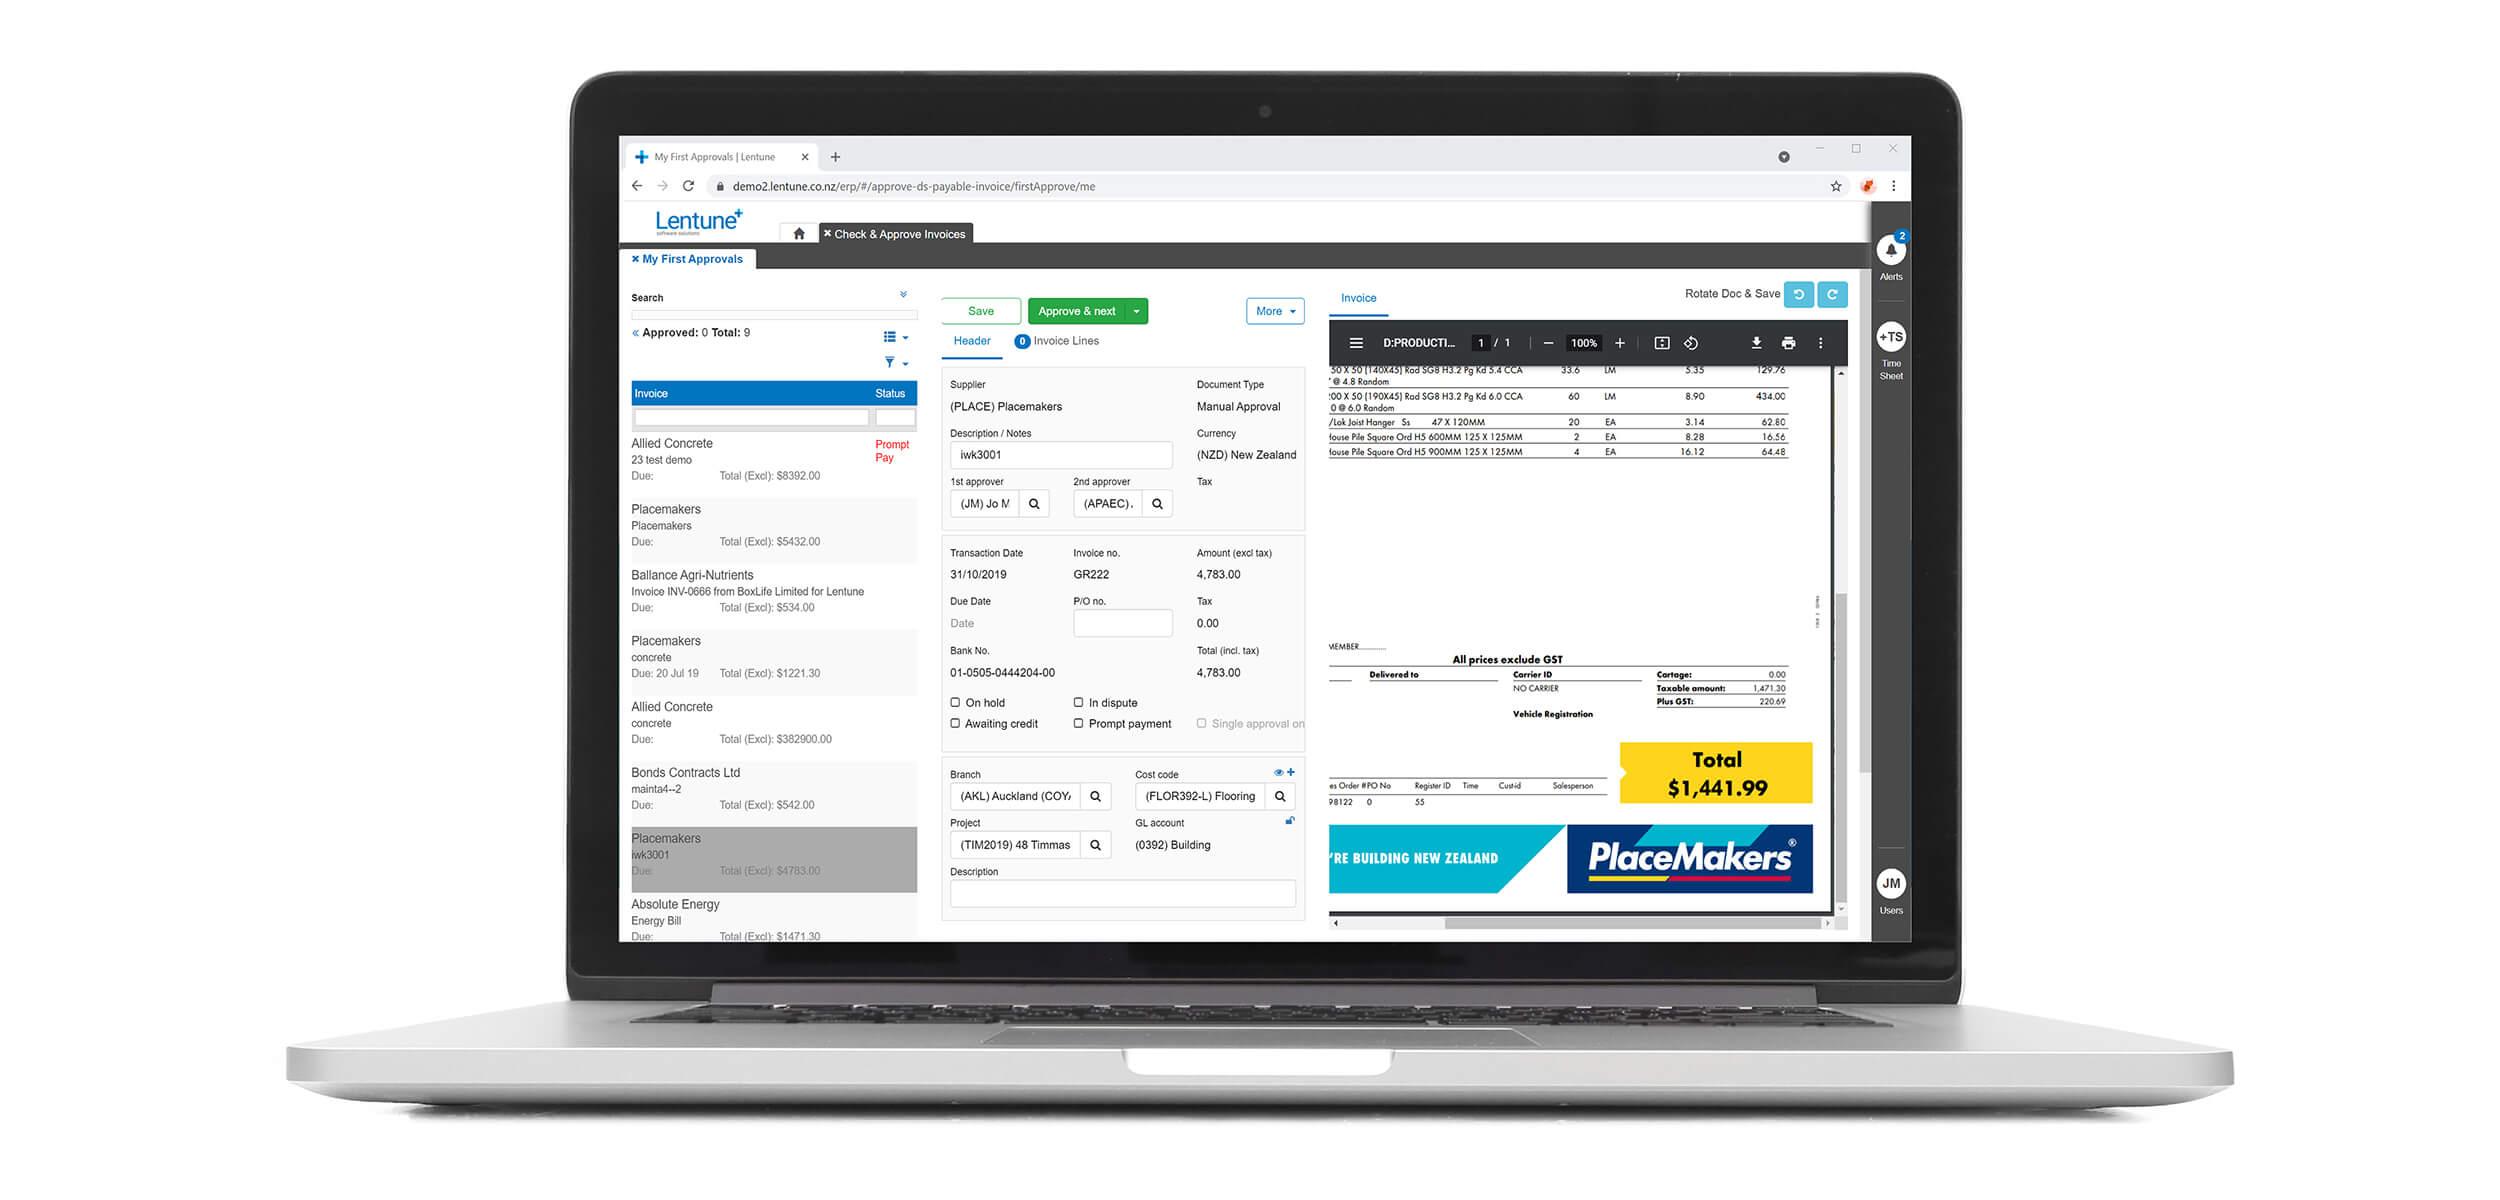 Lentune-invoice-on-laptop-2500x1200